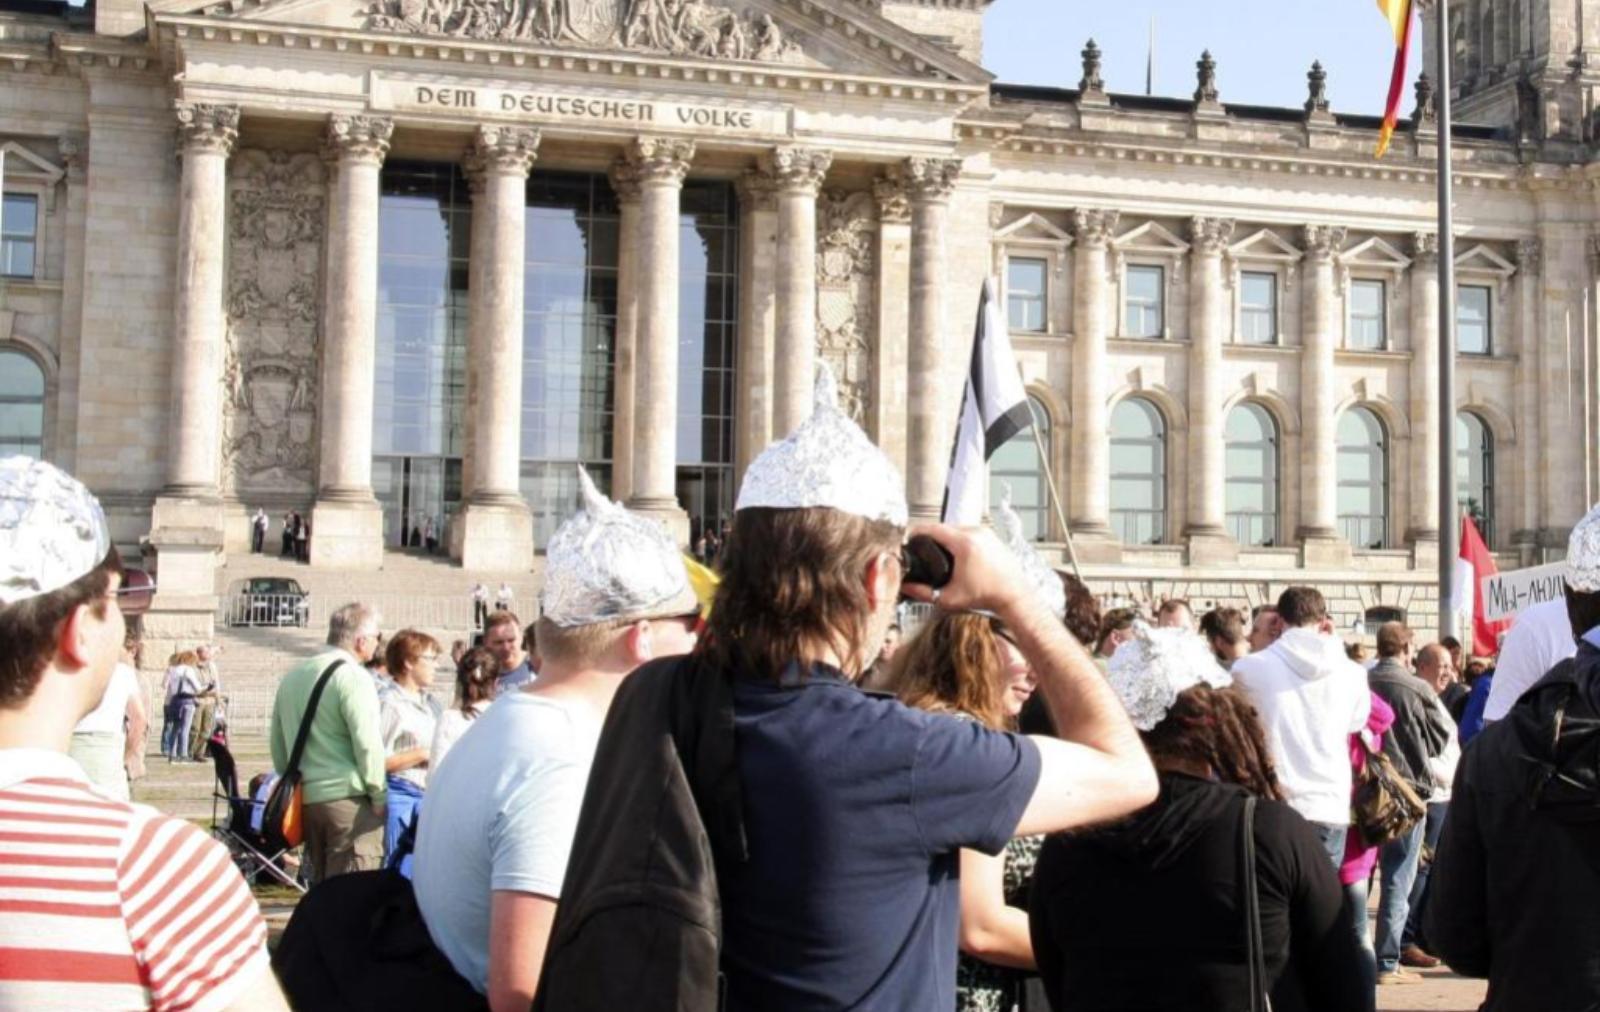 Рейхсбюргеры - движение немецких неонацистов - Статьи